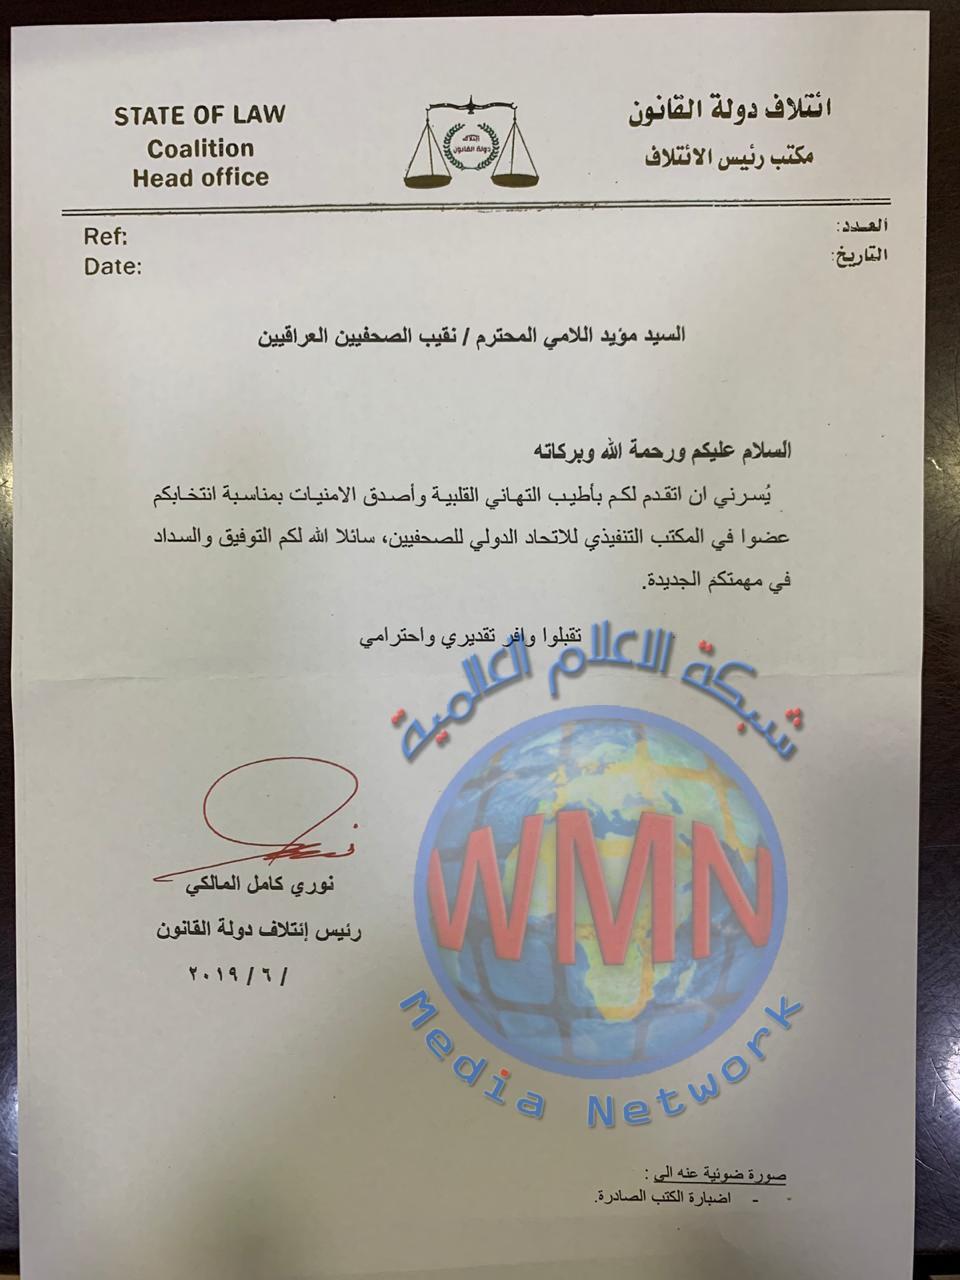 نوري المالكي يهنئ نقيب الصحفيين العراقيين اللامي بفوزه بعضوية المكتب التنفيذي للاتحاد الدولي للصحفيين